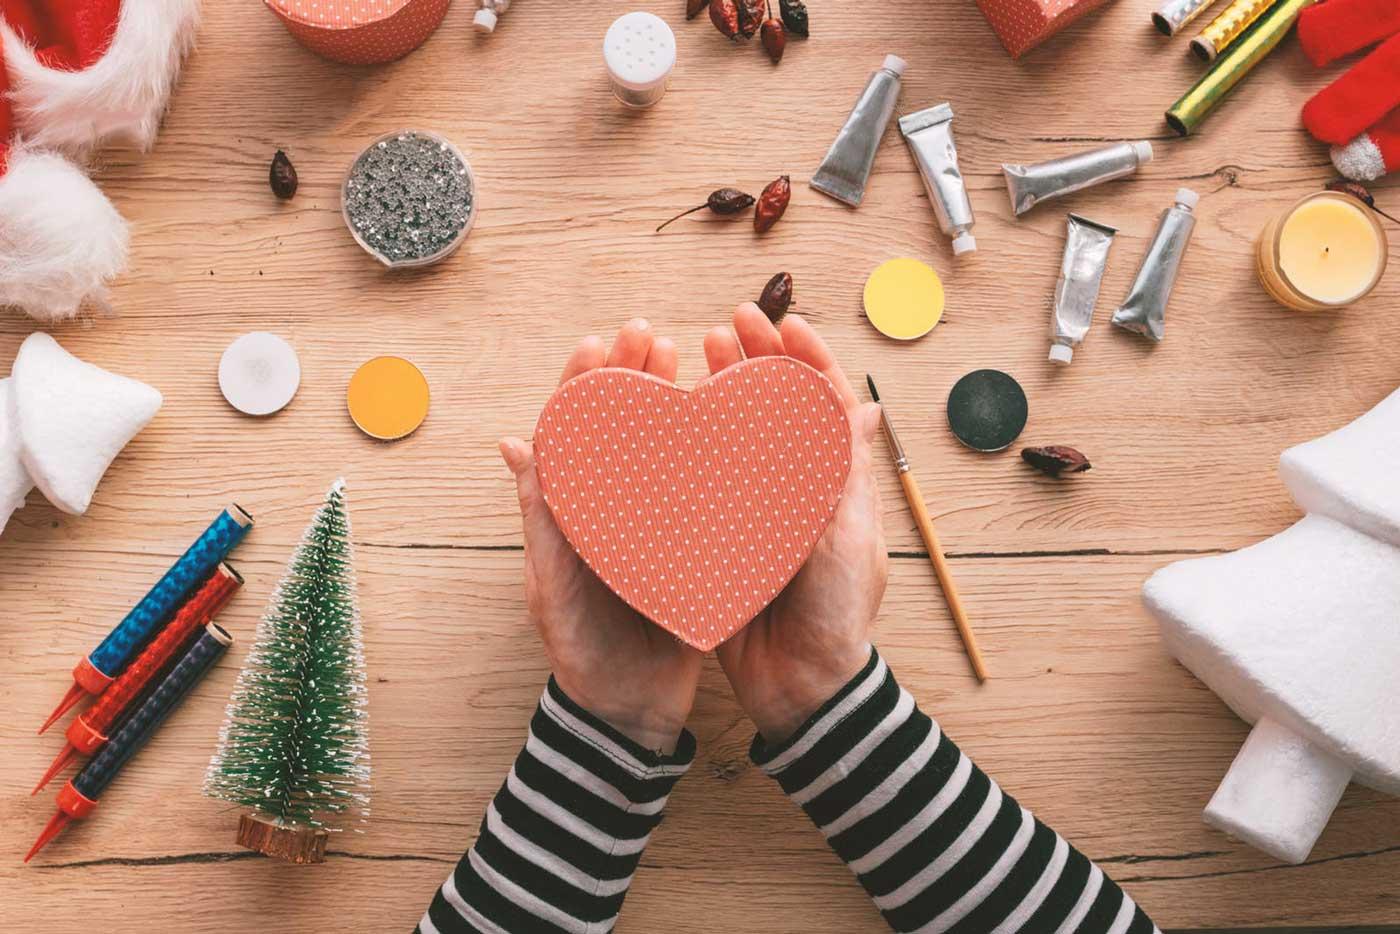 آموزش ساخت کاردستی جعبه قلب